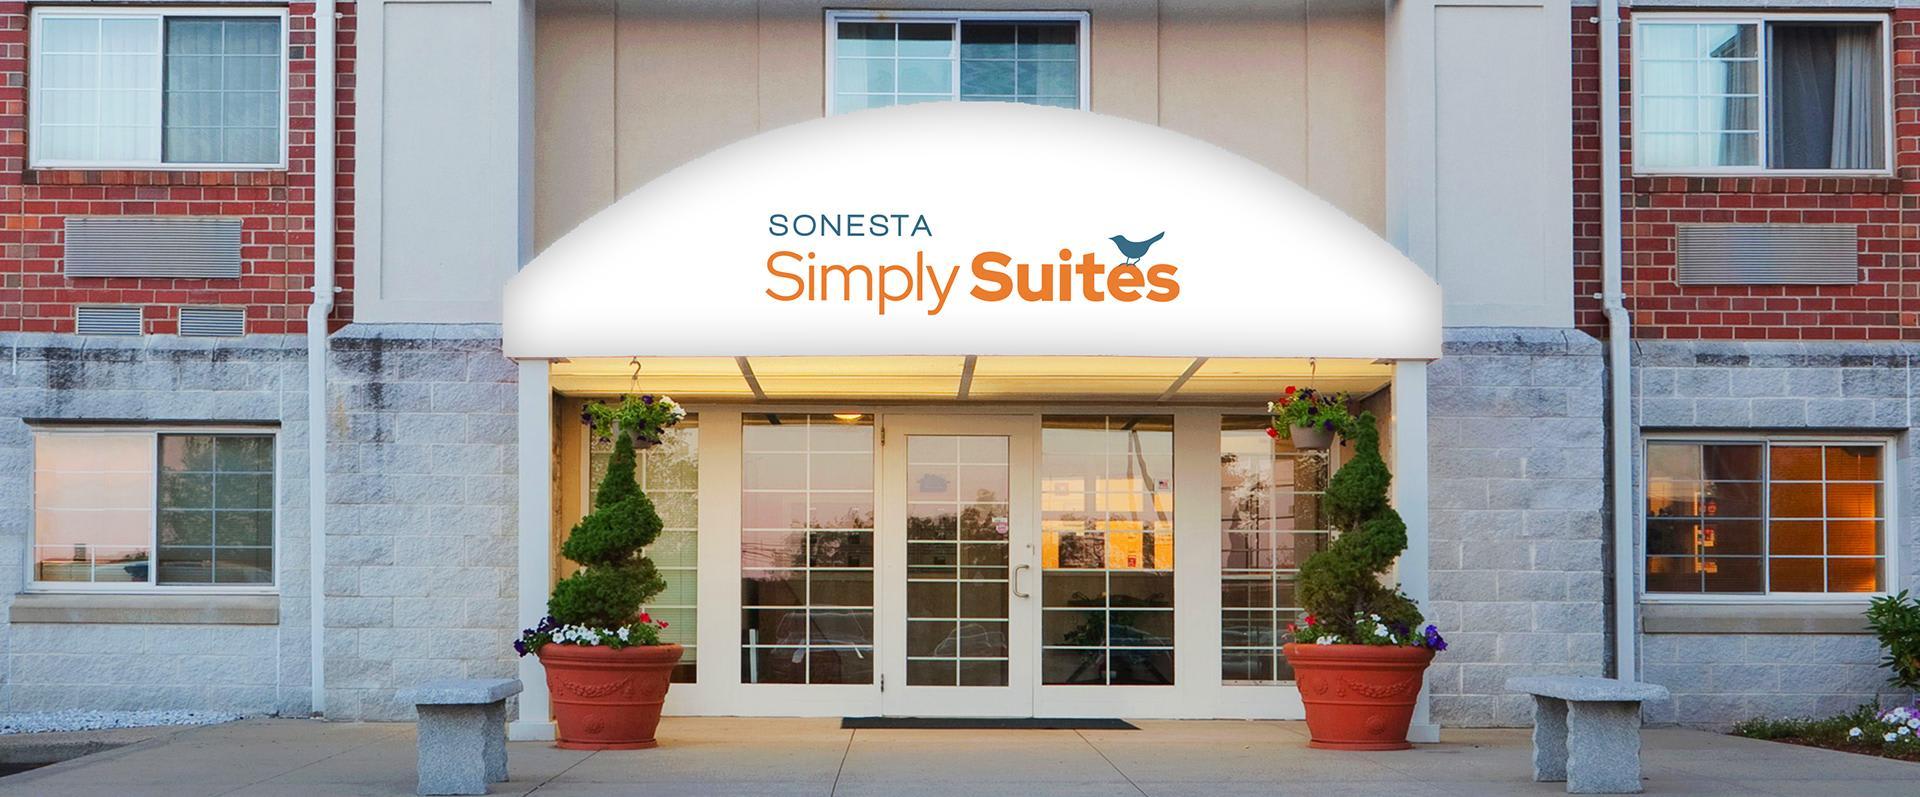 Sonesta Simply Suites Boston Burlington Hotel Exterior Entrance